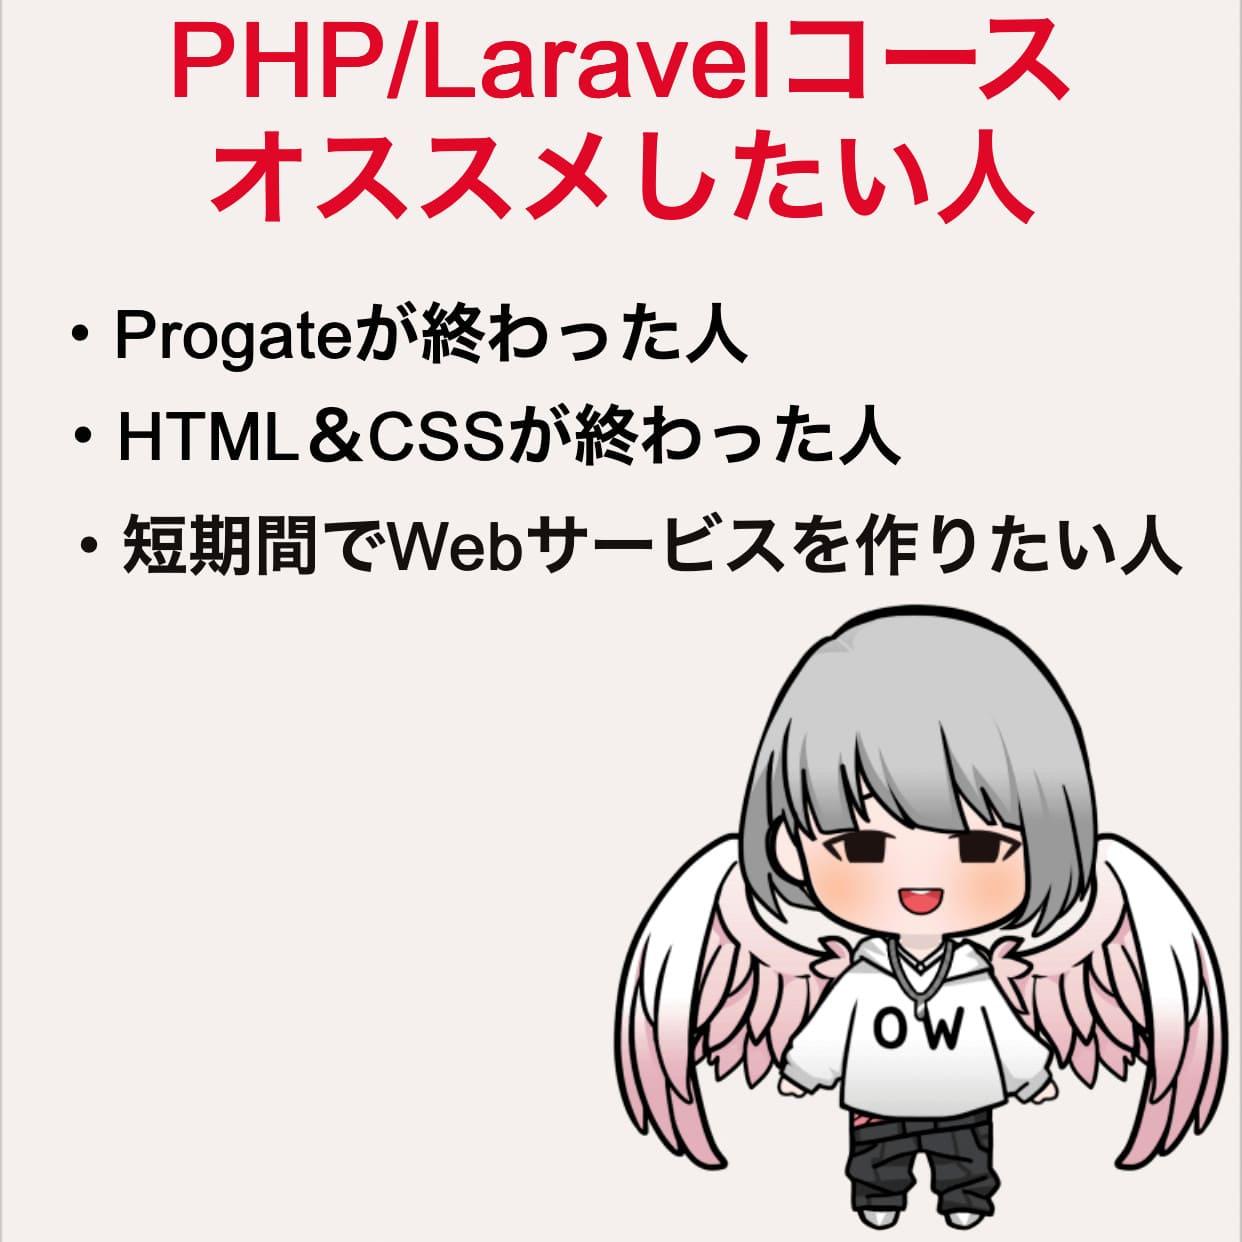 テックアカデミーのPHP/Laravelコースをオススメしたい人